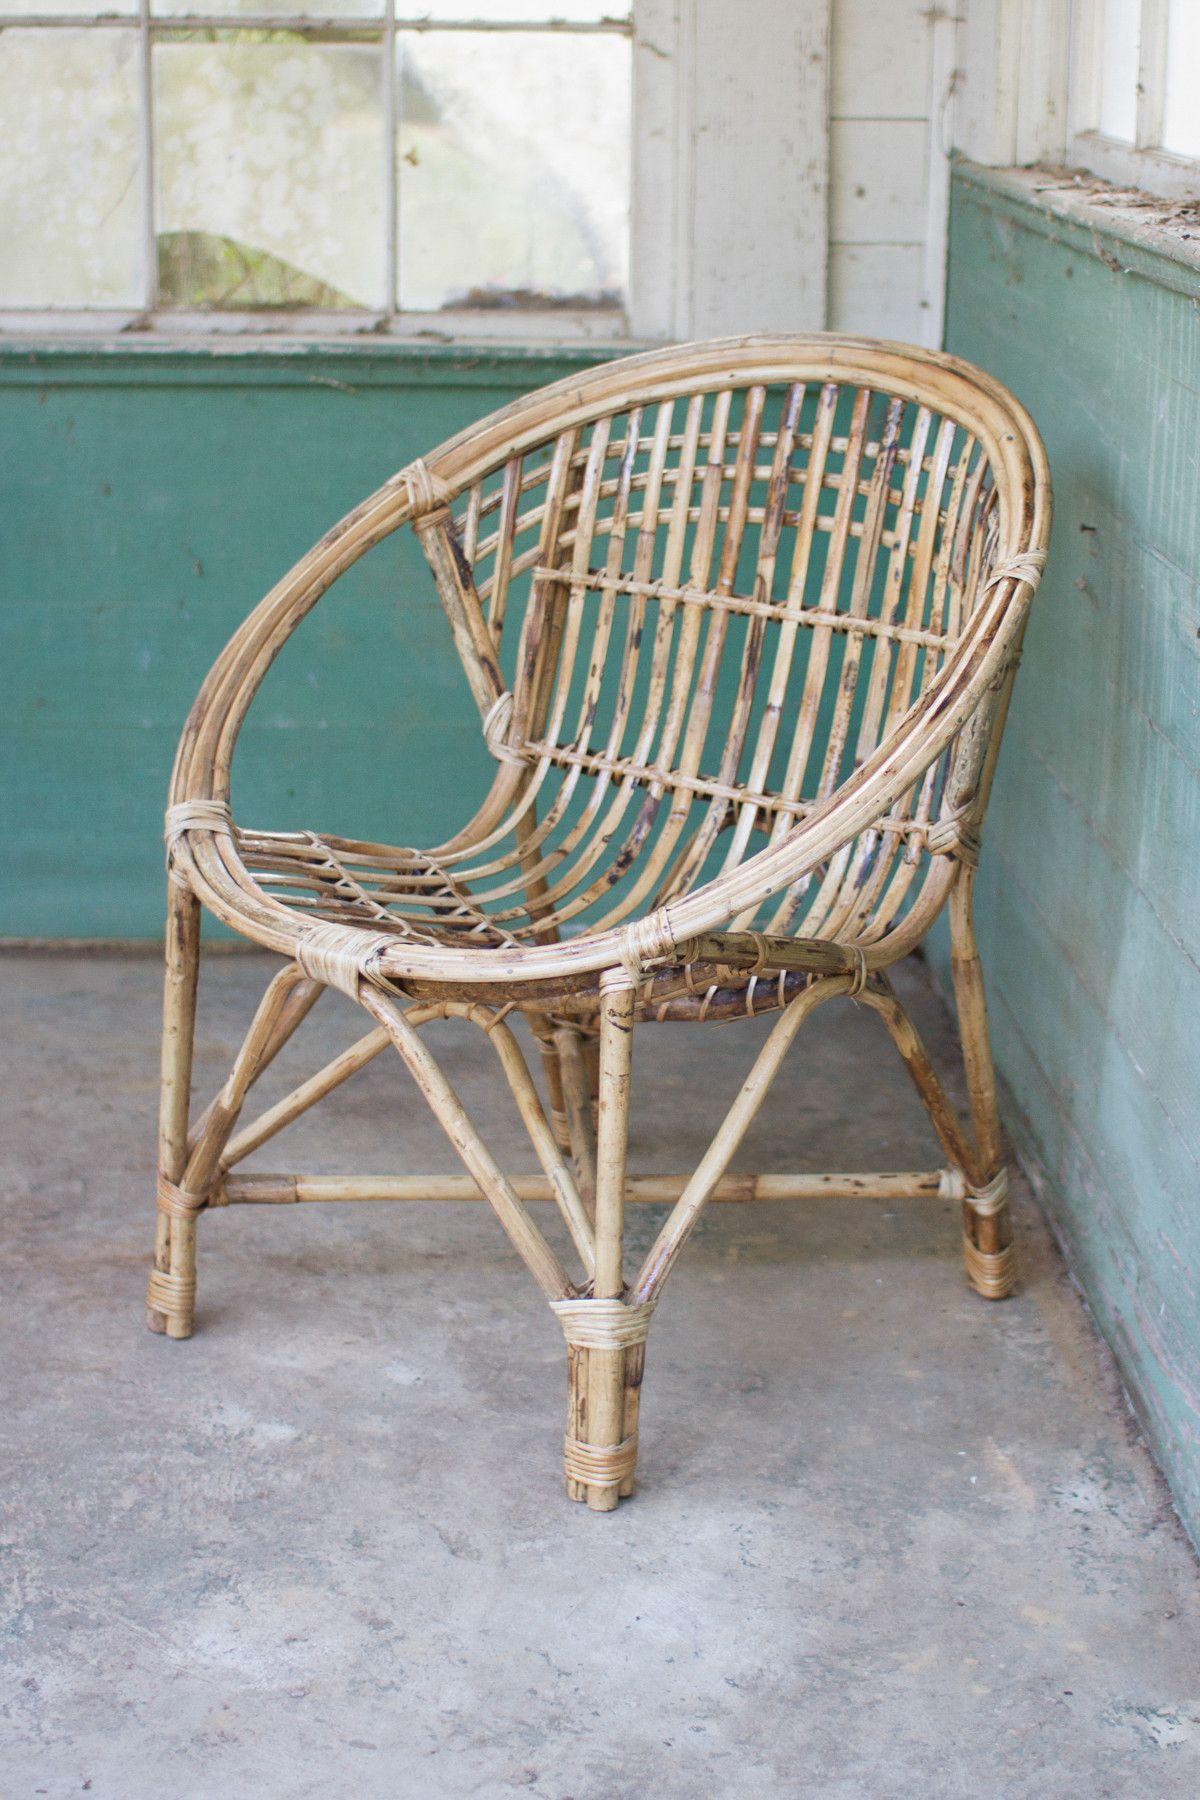 Kalalou Bamboo Chair 1 Round